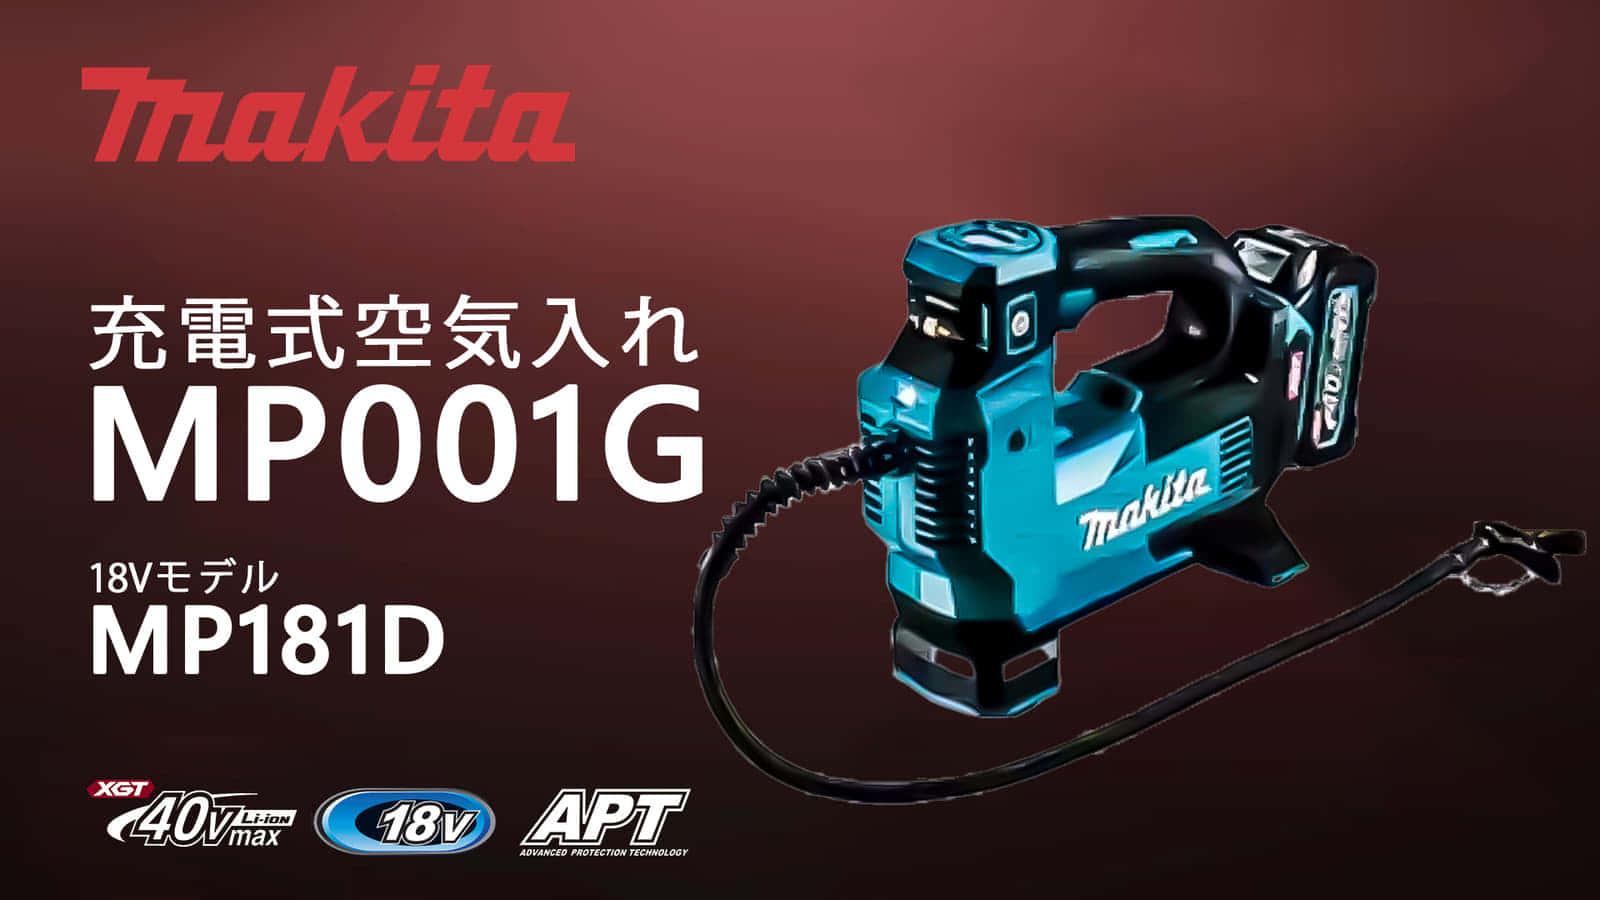 マキタ MP001G 充電式空気入れを発売、世界最速の充電式空気入れが登場